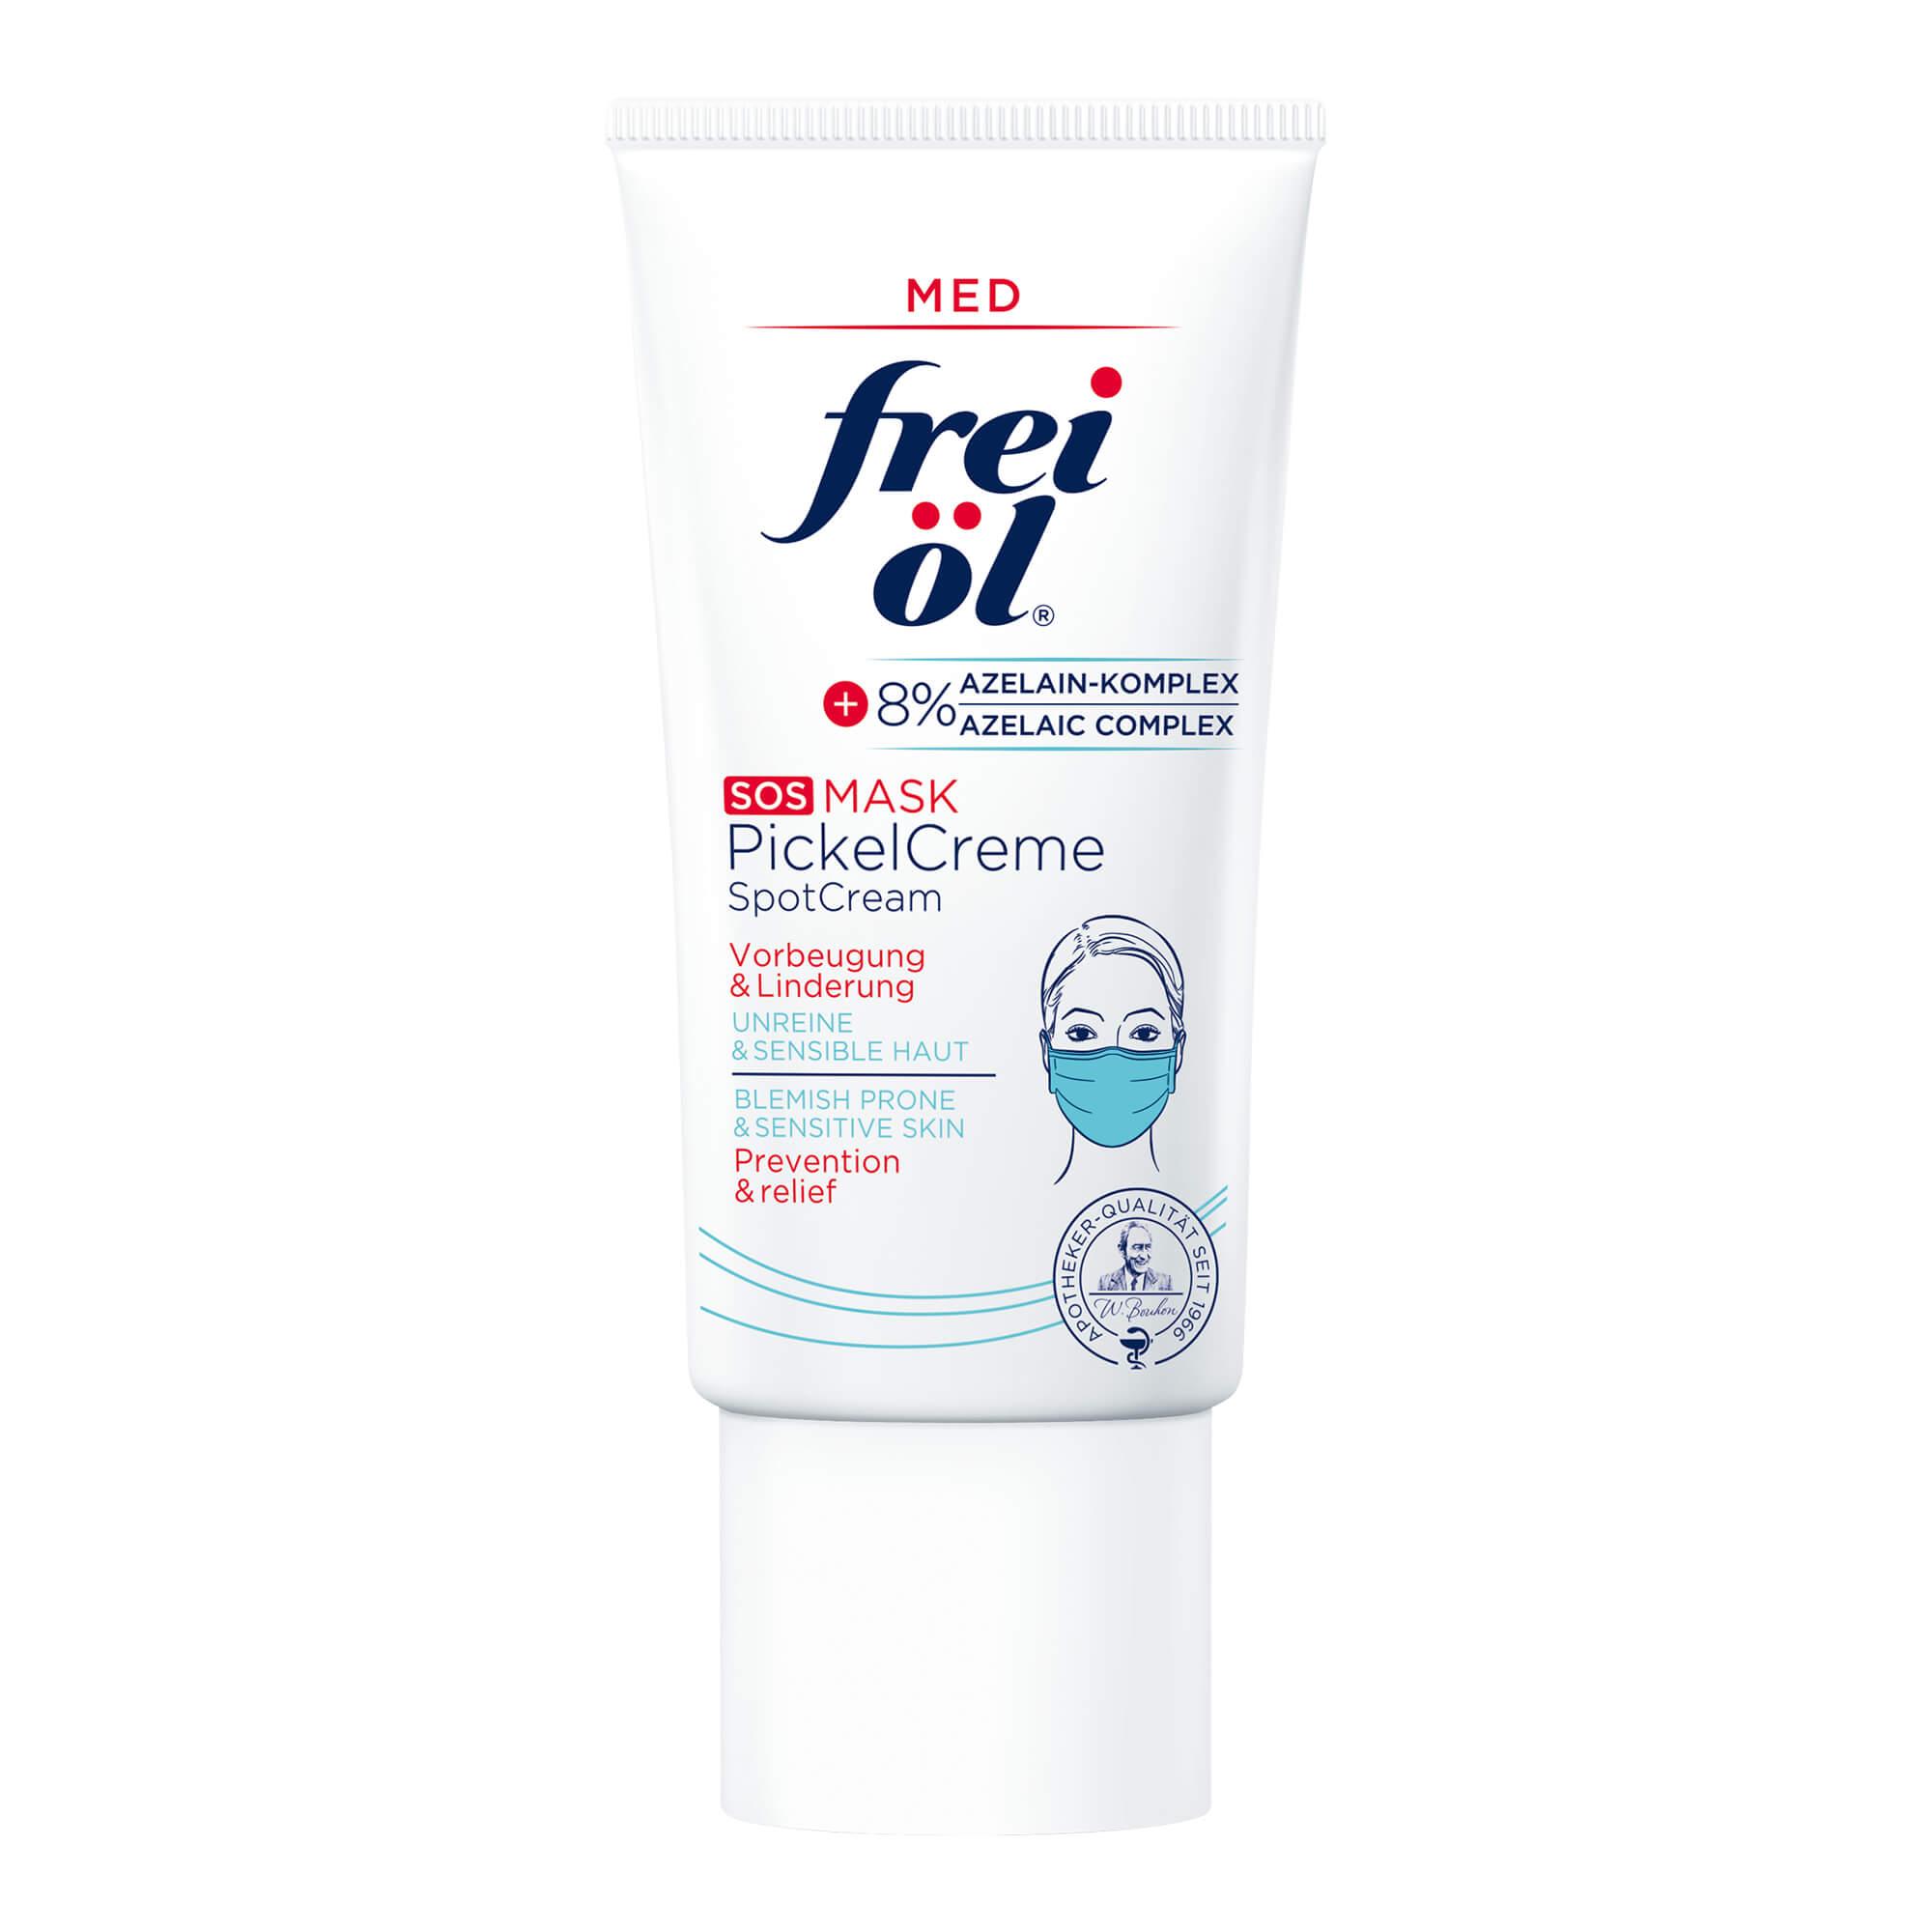 Frei Öl SOS Mask PickelCreme